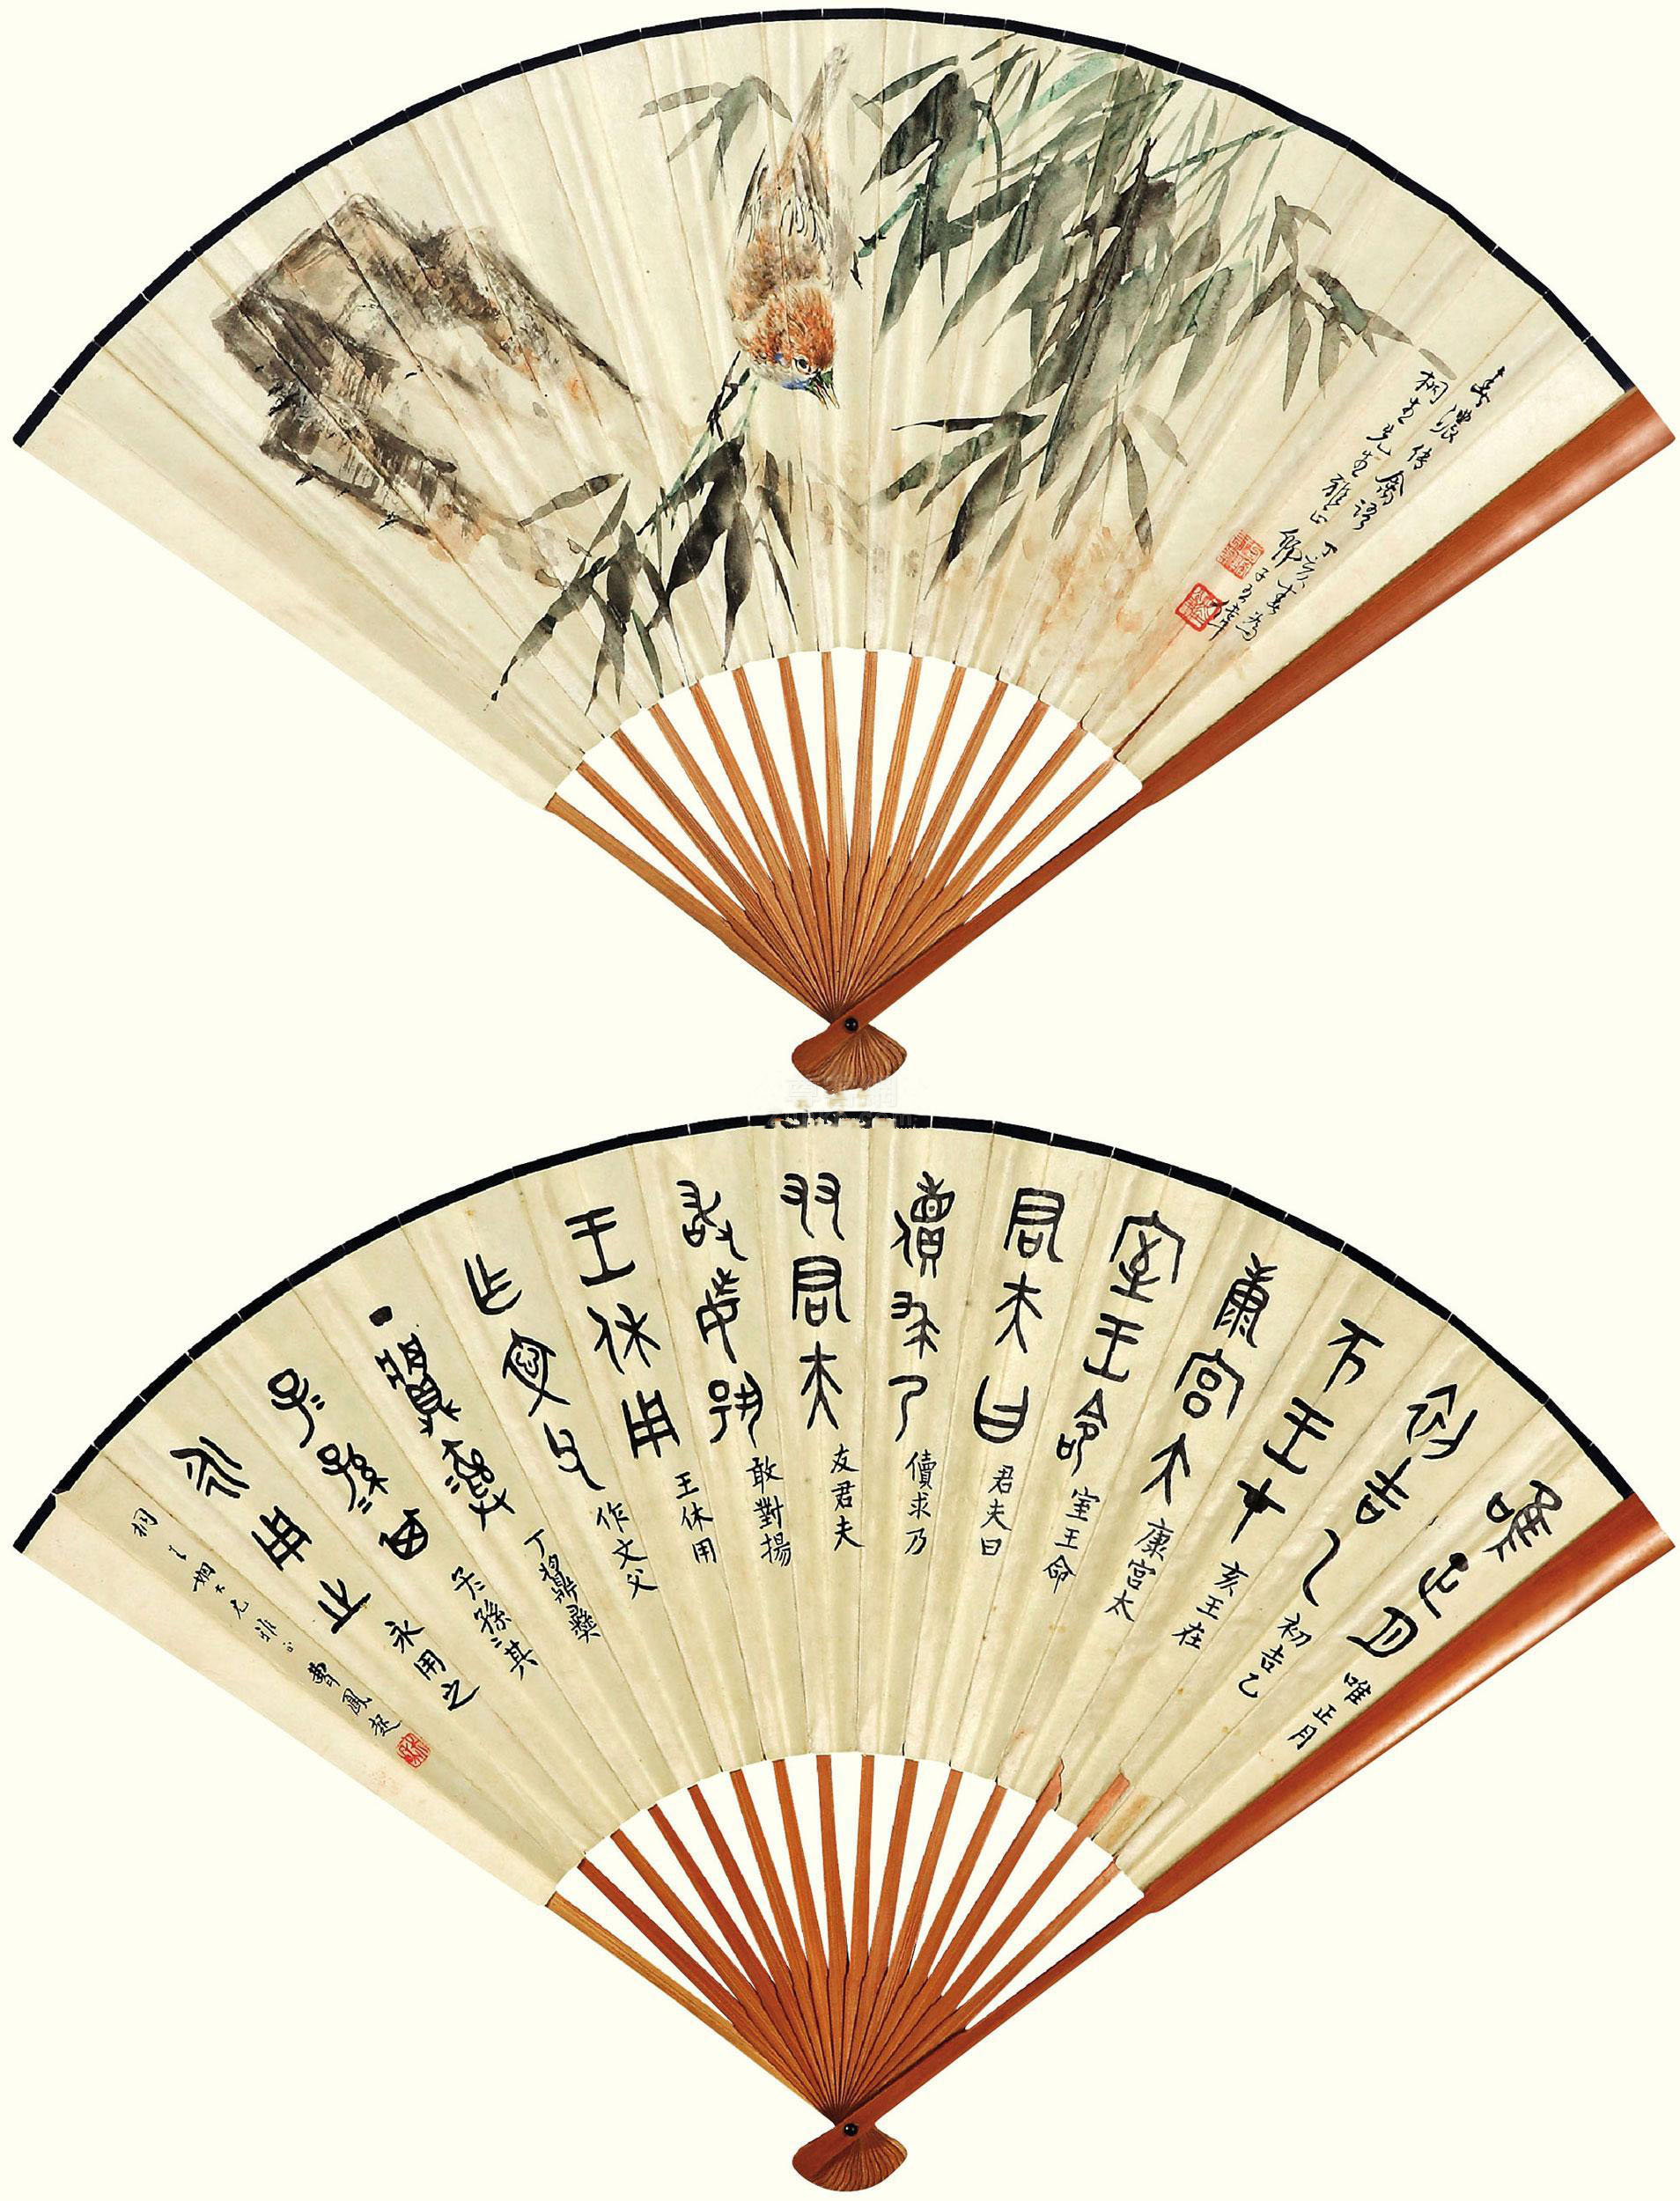 王伟作品欣赏王伟 竹雀图 成扇 设色纸本